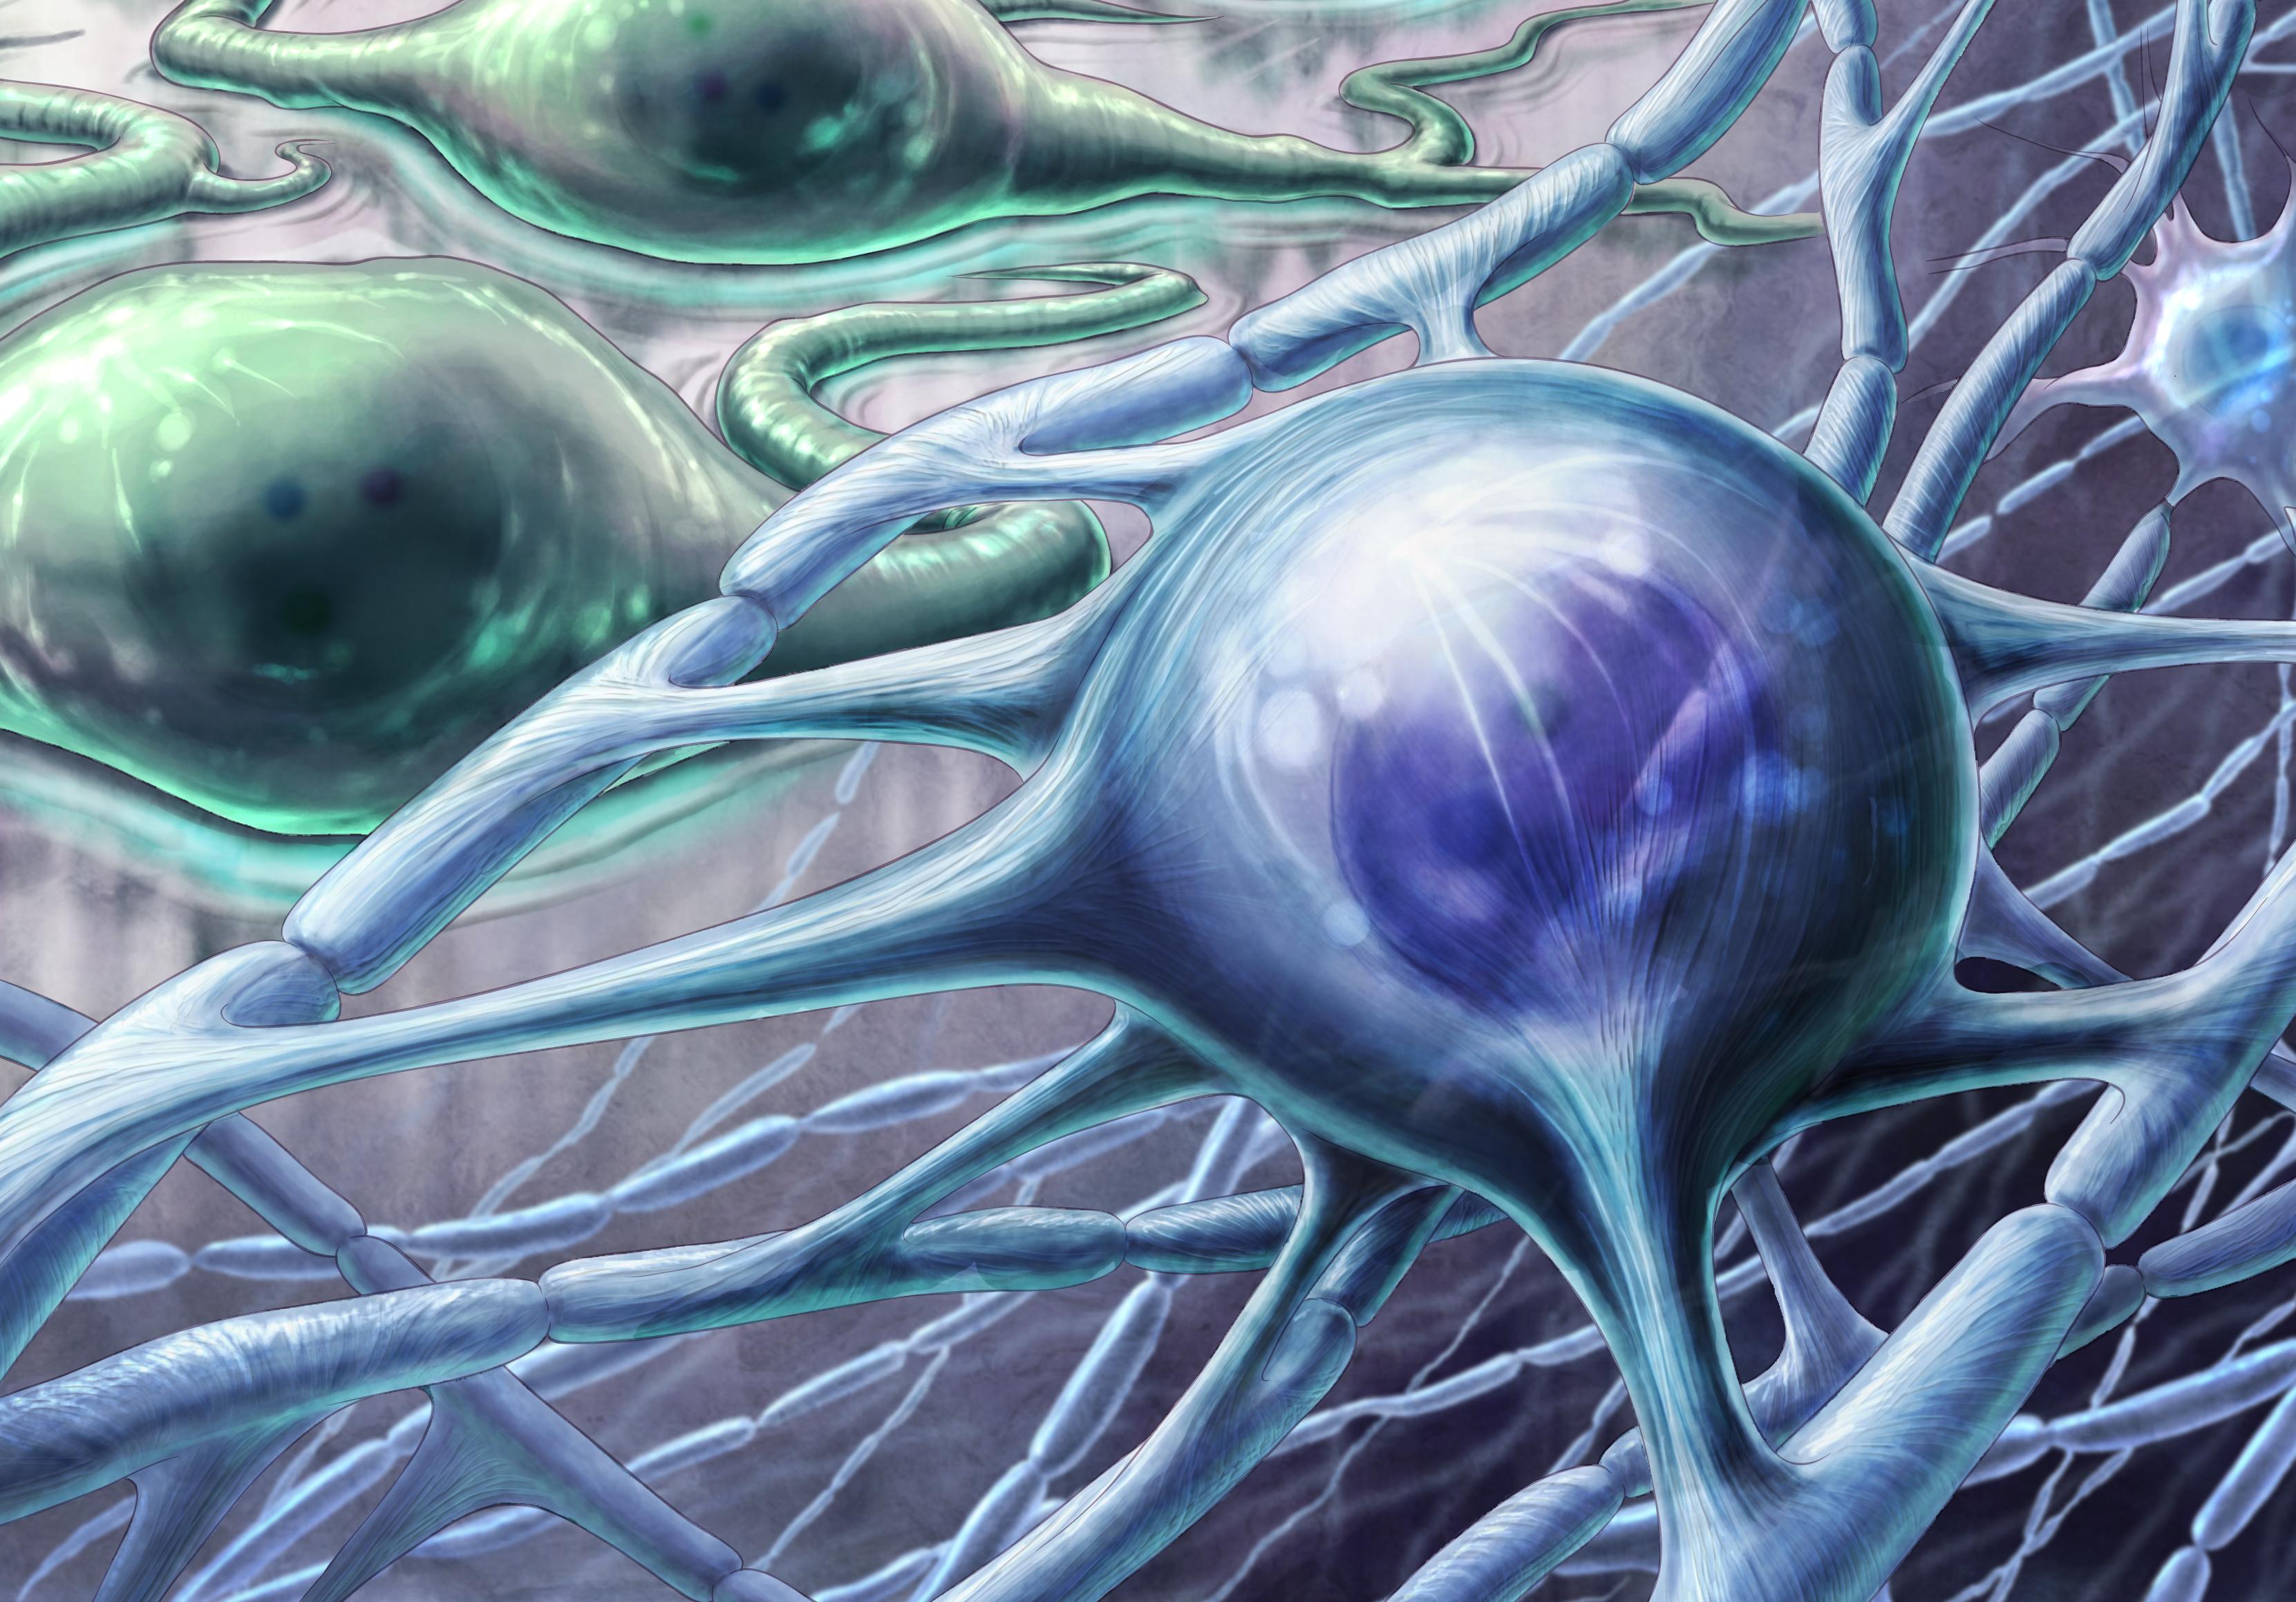 Oligodendrocyte